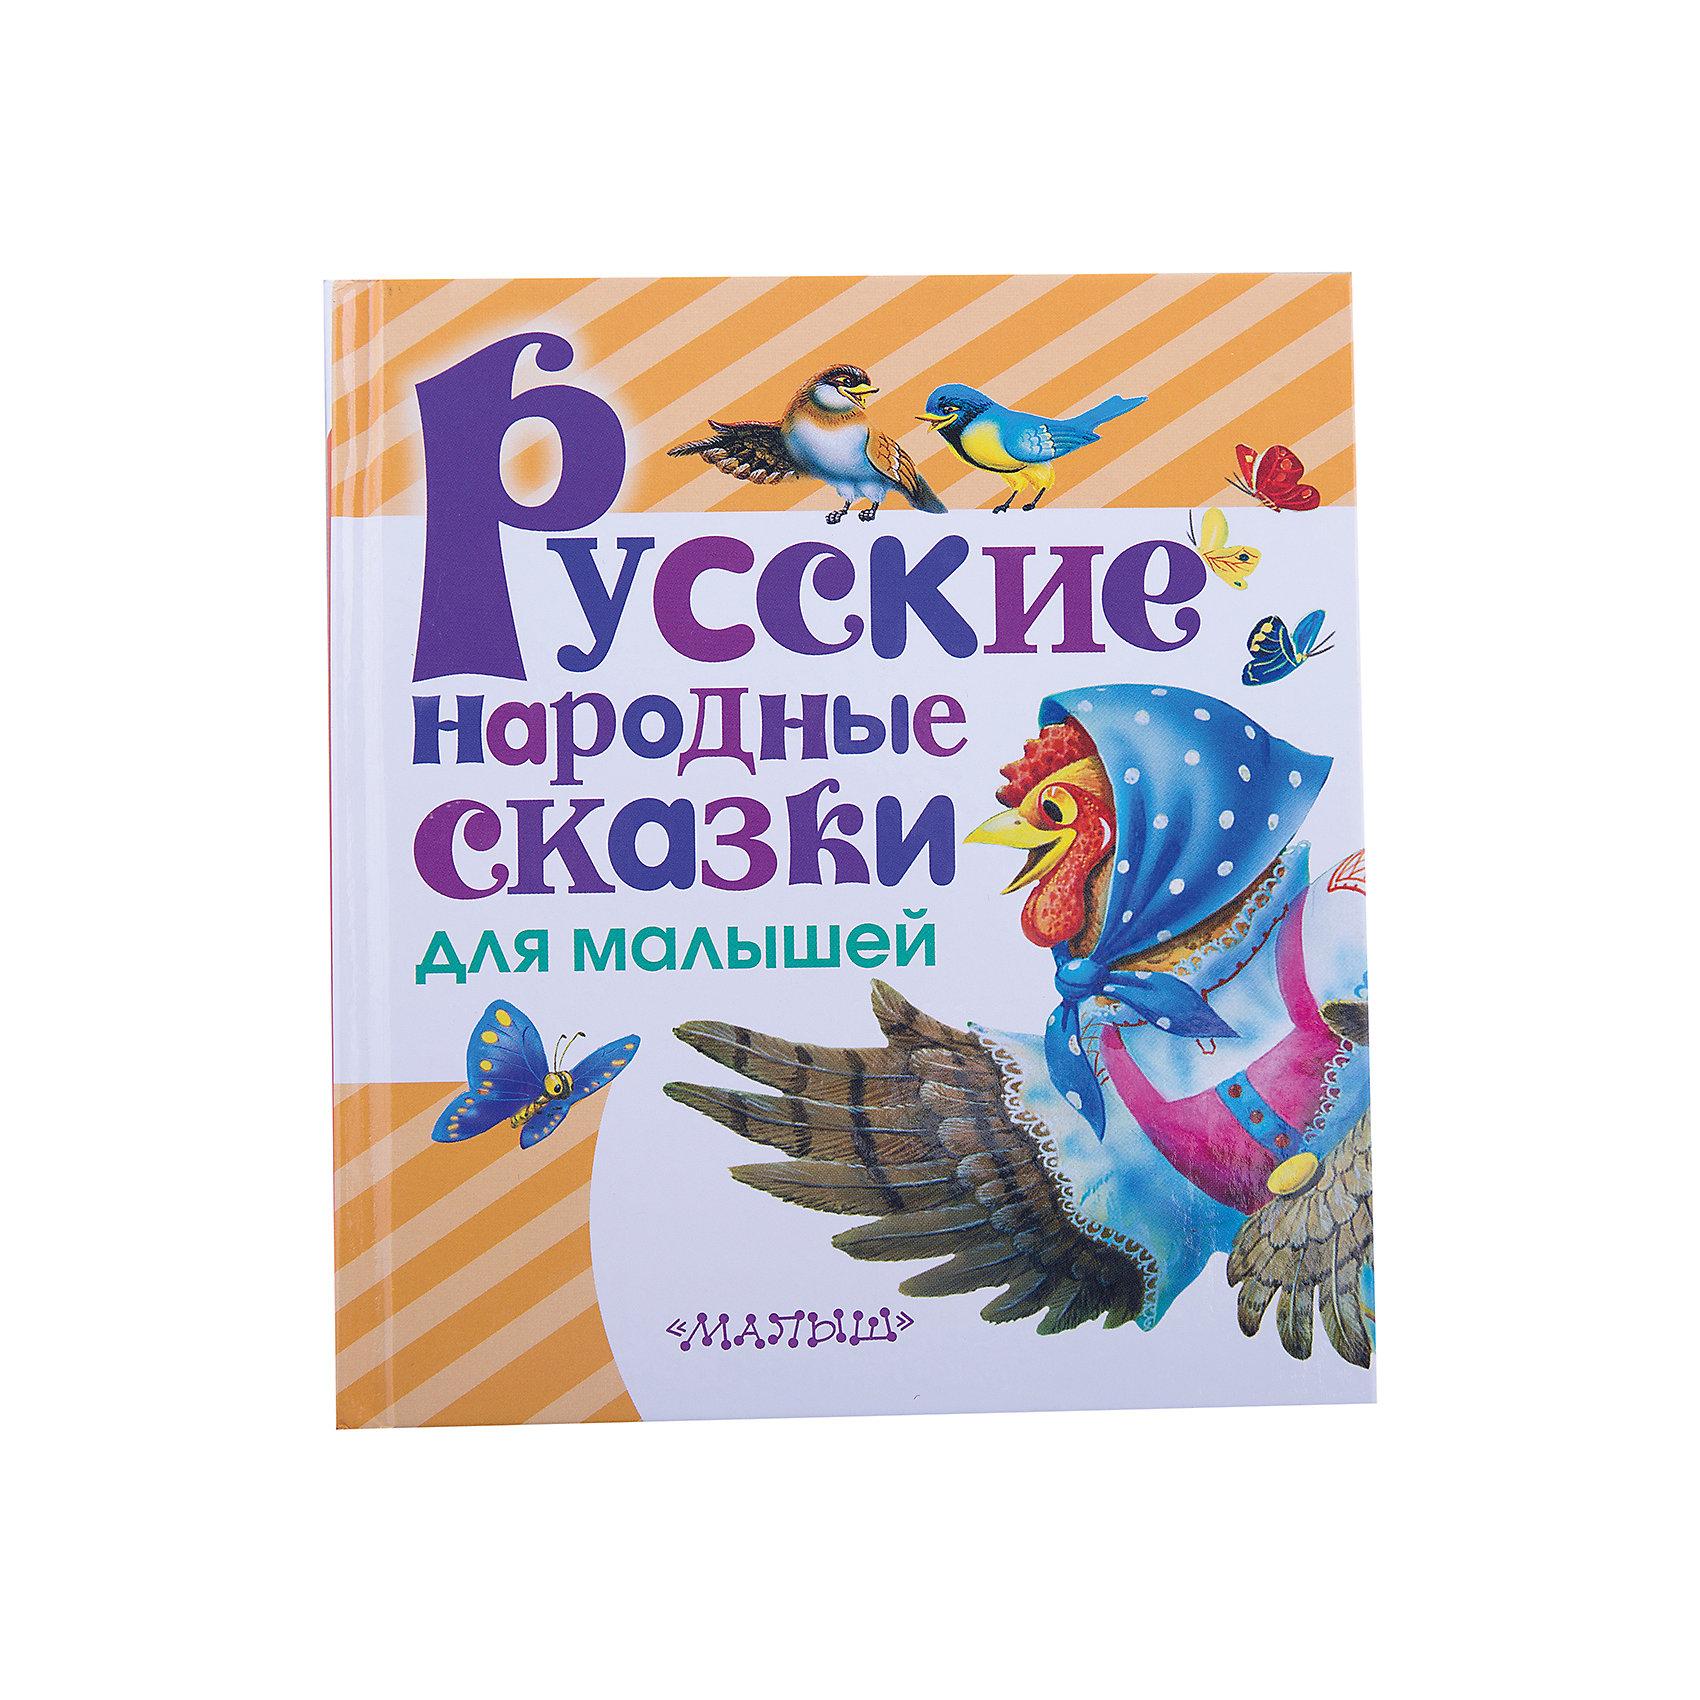 Русские народные сказки для малышейРусские сказки<br>Рисунки Г. Кравец и Ю. Кравца.<br>Для детей до 3-х лет.<br><br>Содержание:<br>Лиса, Заяц и Петух<br>Овца, лиса и волк<br>Ворона и рак<br>Колобок<br>Как лиса училась летать<br>Лиса и дрозд<br>Лиса и журавль<br>Журавль и цапля<br>Кот - серый лоб, козел да баран<br>Мужик и медведь<br>Три медведя<br>Коза - дереза<br>Крошечка - Хаврошечка<br>Старая и новая шуба<br>Огуречик<br>Мыши и кот<br>Чудище - горынище<br>Филин и орлица<br>Пузырь, соломинка и лапоть<br>Зайчонок и волчонок<br><br>Ширина мм: 155<br>Глубина мм: 140<br>Высота мм: 160<br>Вес г: 307<br>Возраст от месяцев: 48<br>Возраст до месяцев: 2147483647<br>Пол: Унисекс<br>Возраст: Детский<br>SKU: 6848326